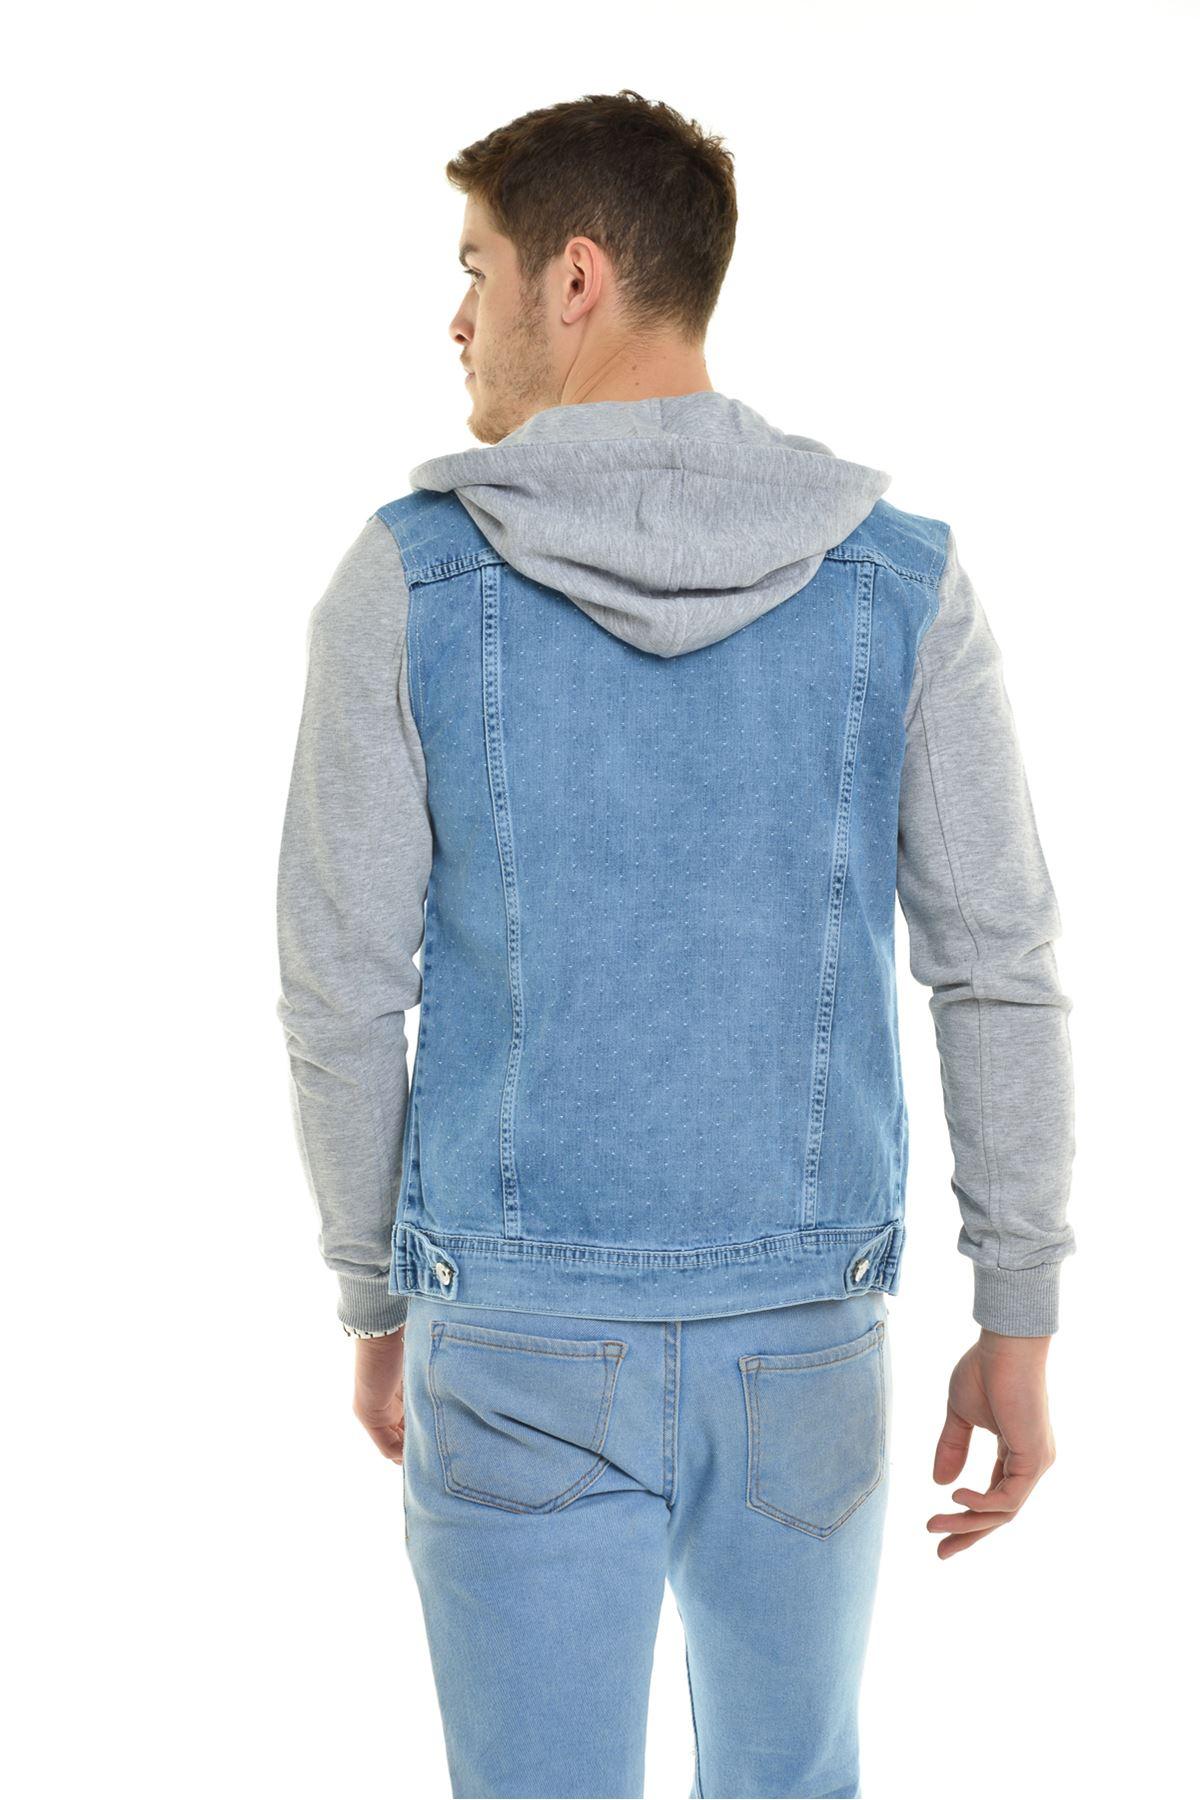 Yıpratmalı Buz Mavisi Kapüşonlu Desenli Kumaş Detay Erkek Kot Ceket